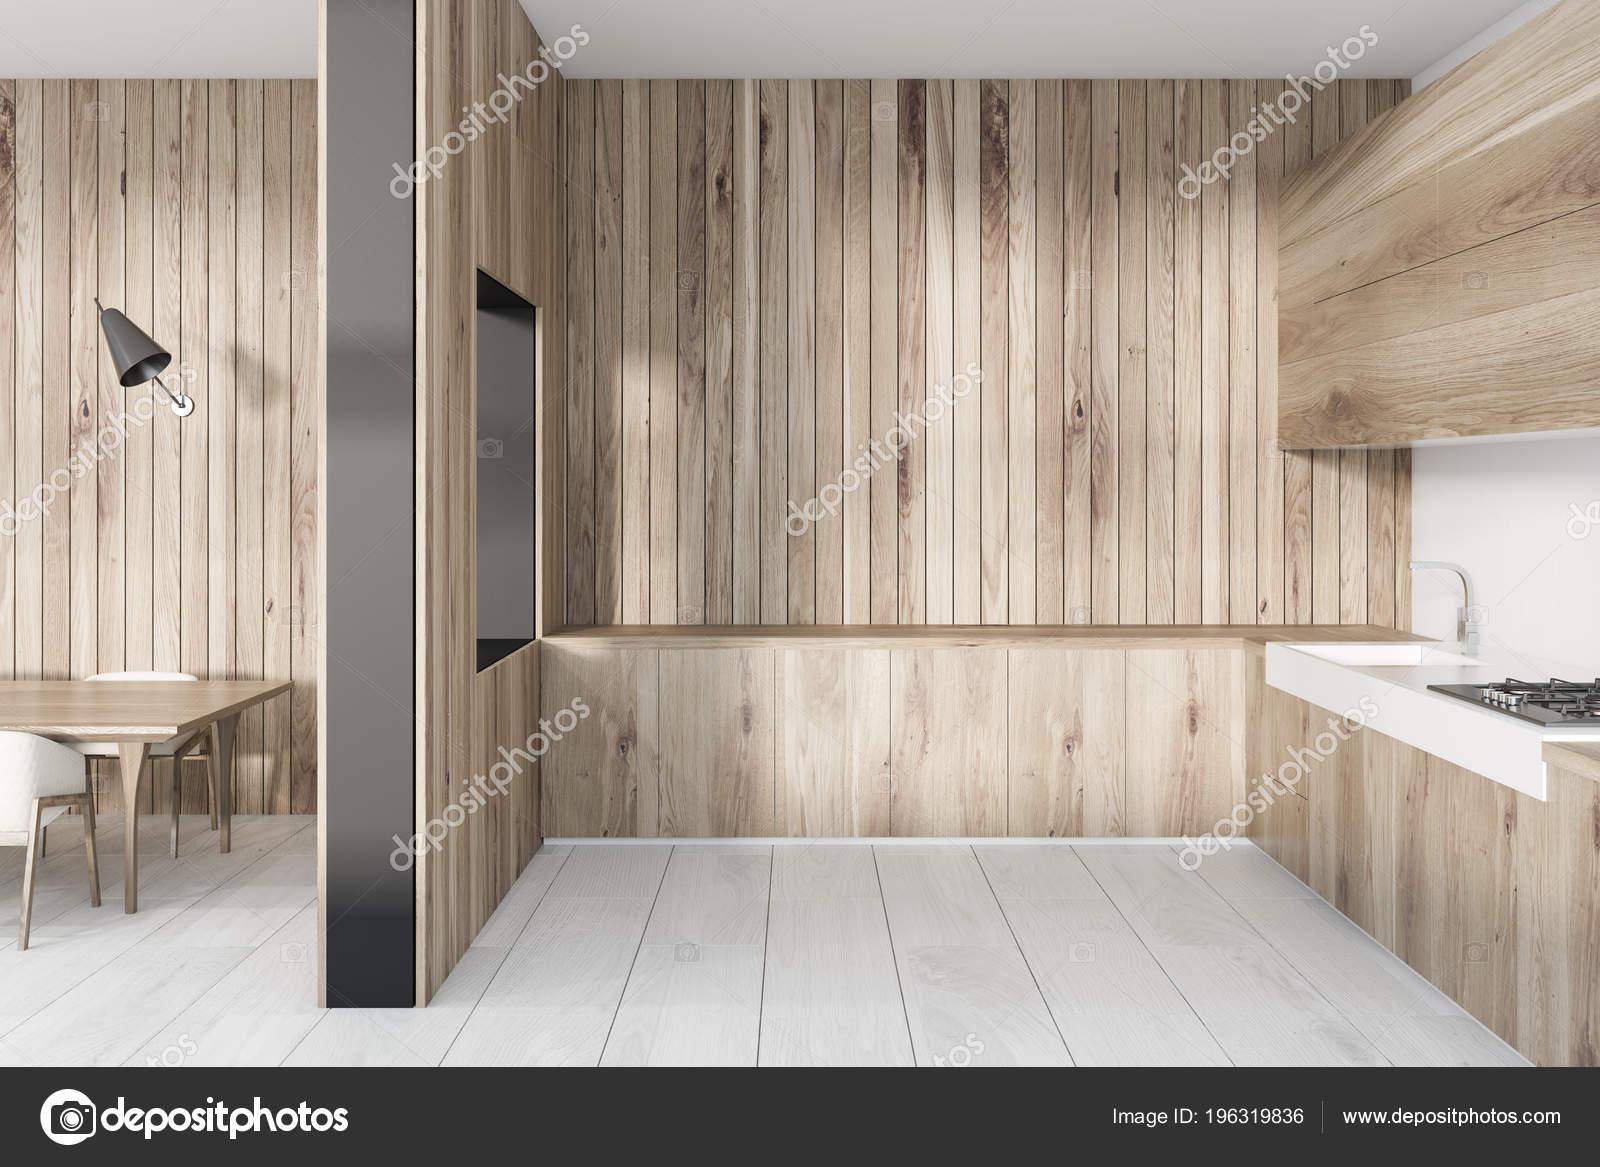 Ripiani In Legno Per Tavoli : Interiore della luce cucina legno con ripiani legno tavolo pranzo